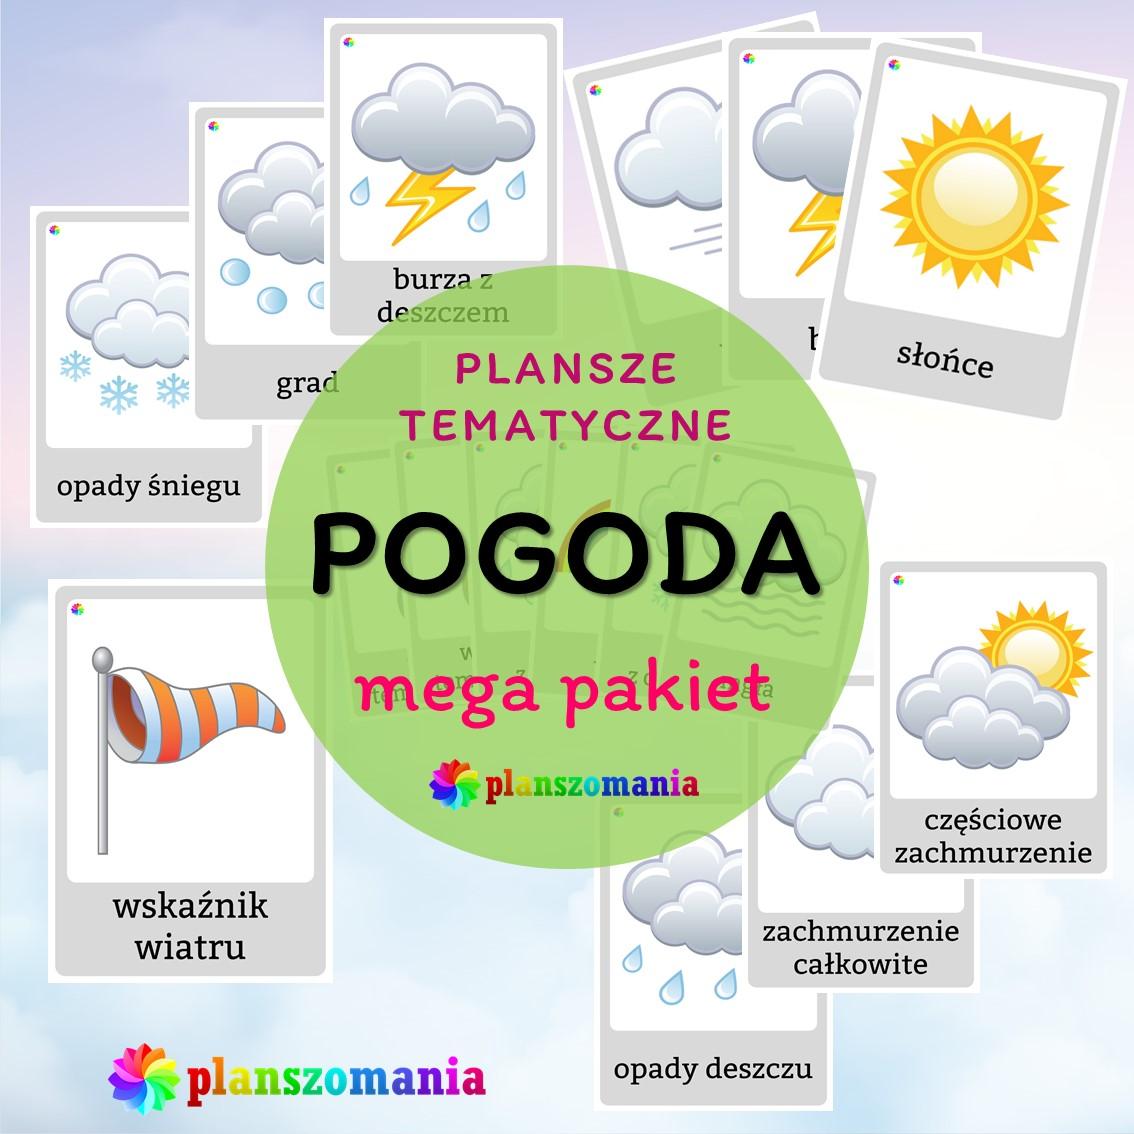 plansze edukacyjne planszomania materiały dydaktyczne dla dzieci edukacja wczesnoszkolna pogoda mega pakiet pdf do druku